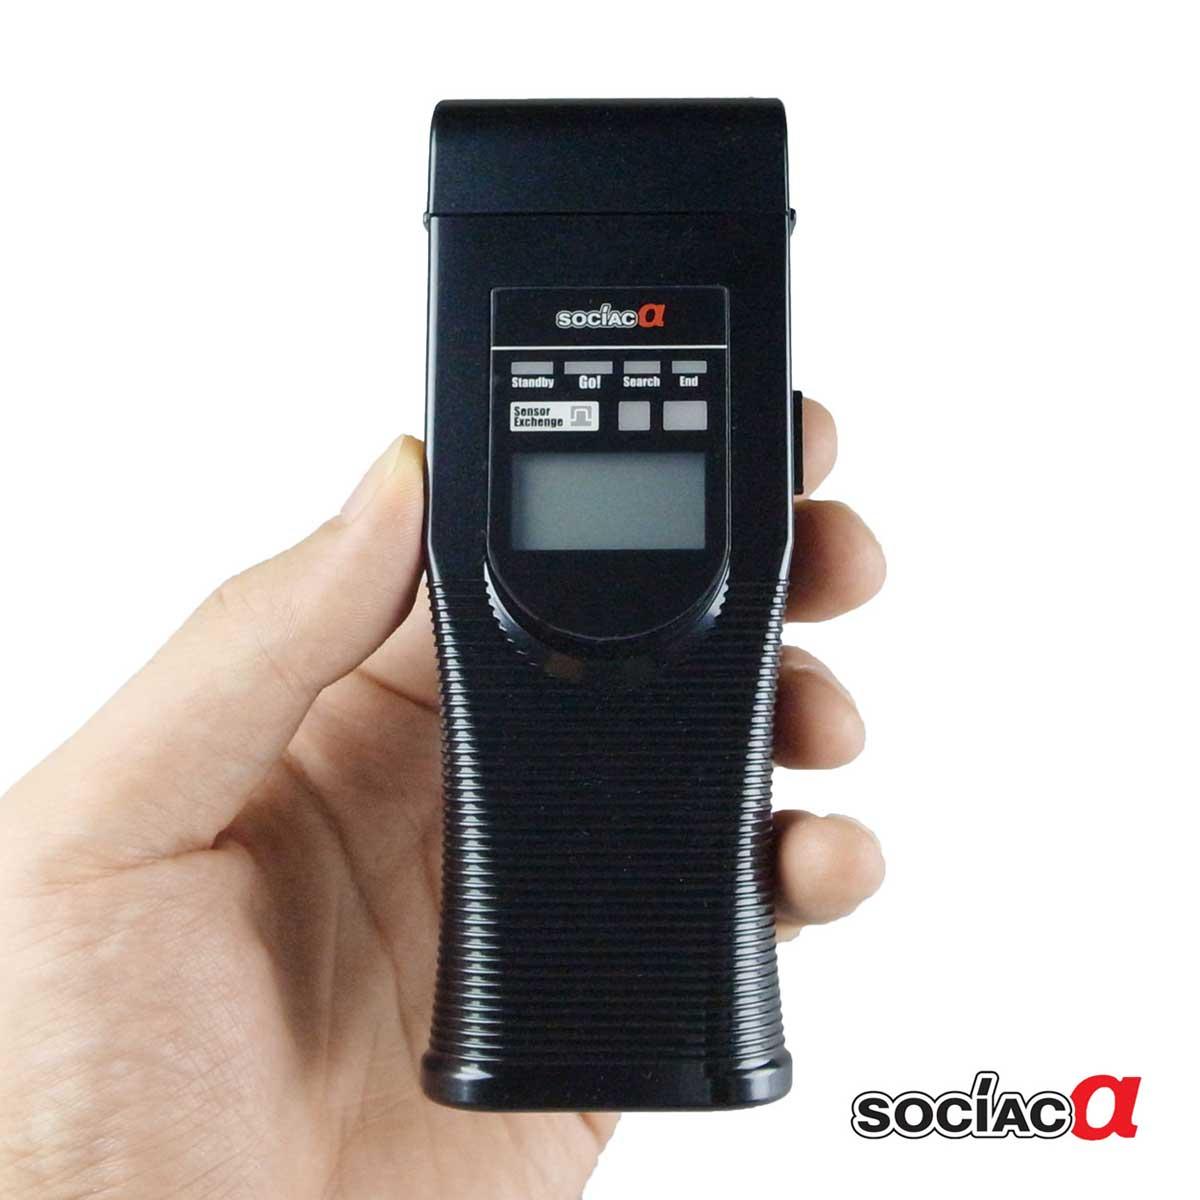 アルコール検知器 ソシアック アルファ α アルコールチェッカー SC-402 送料無料